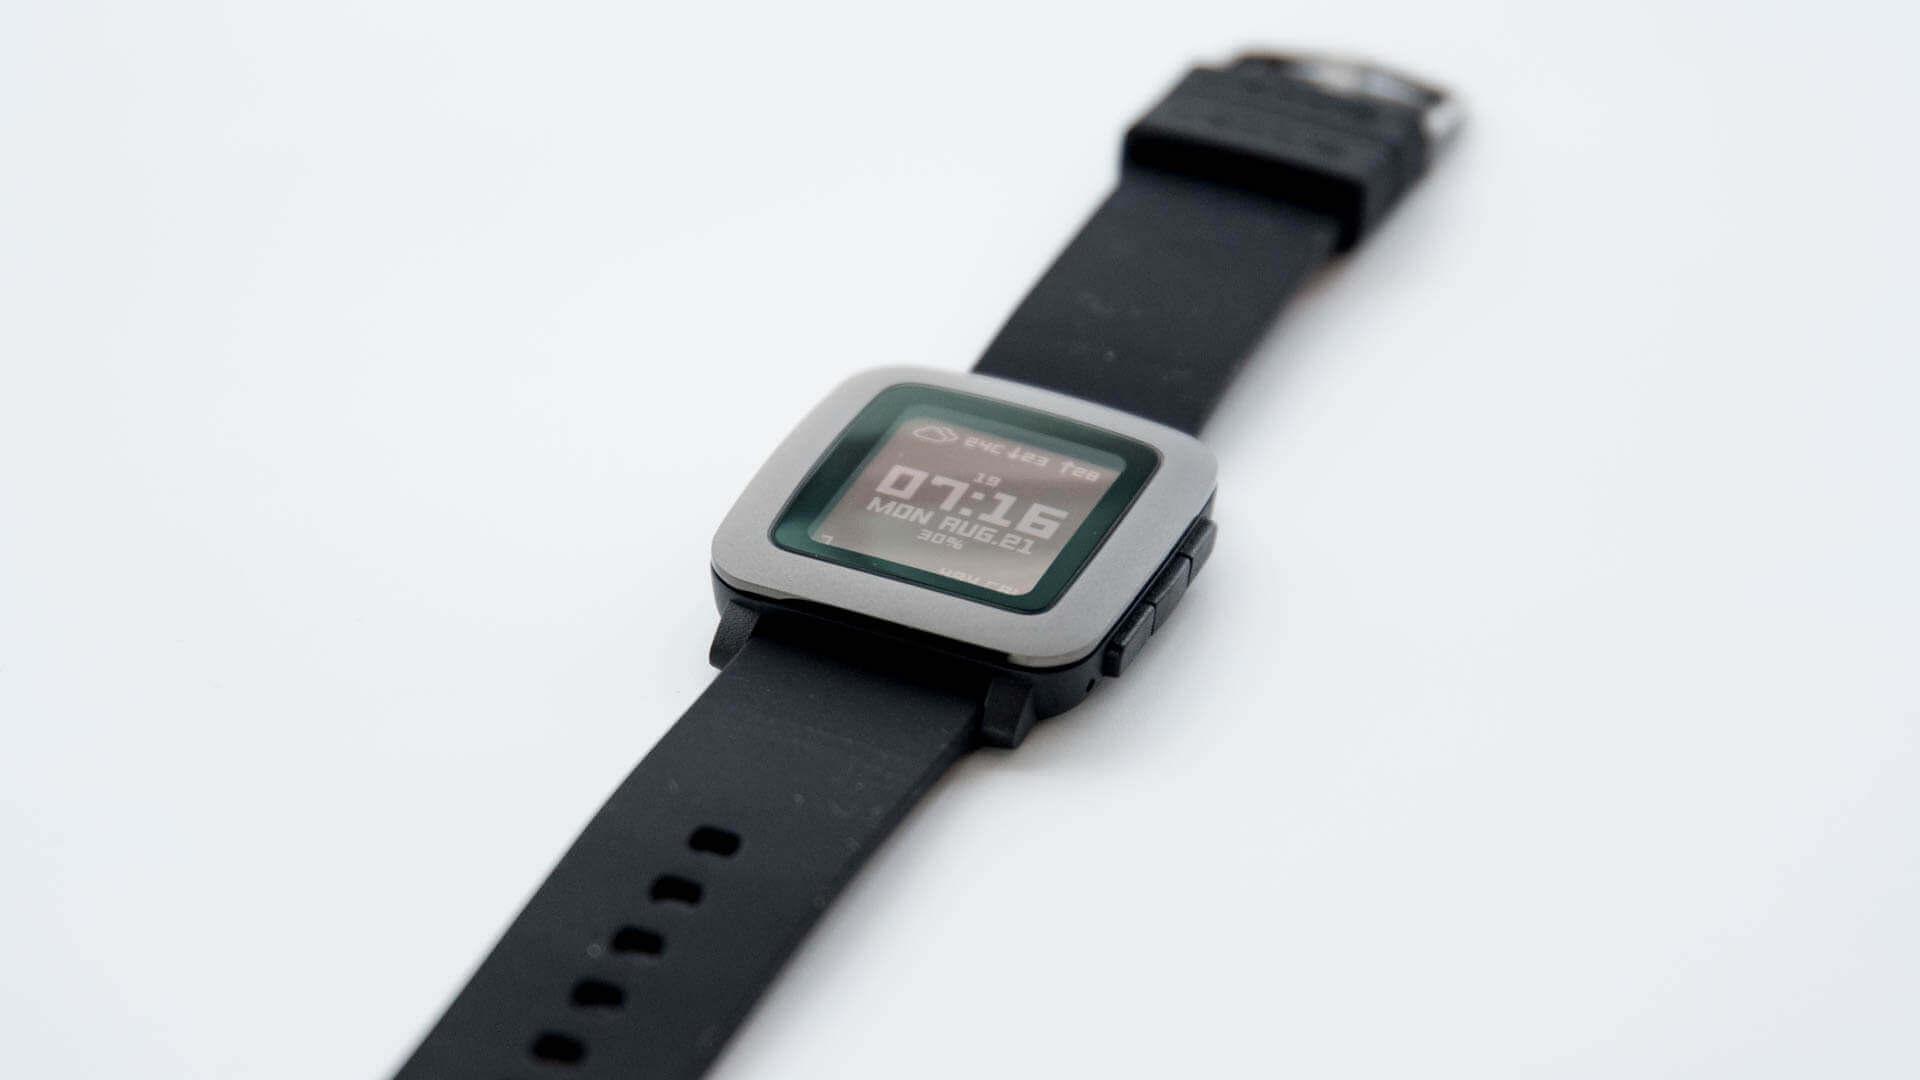 スマートウォッチ『Pebble Time』を新調しました。やっぱりPebbleが好き